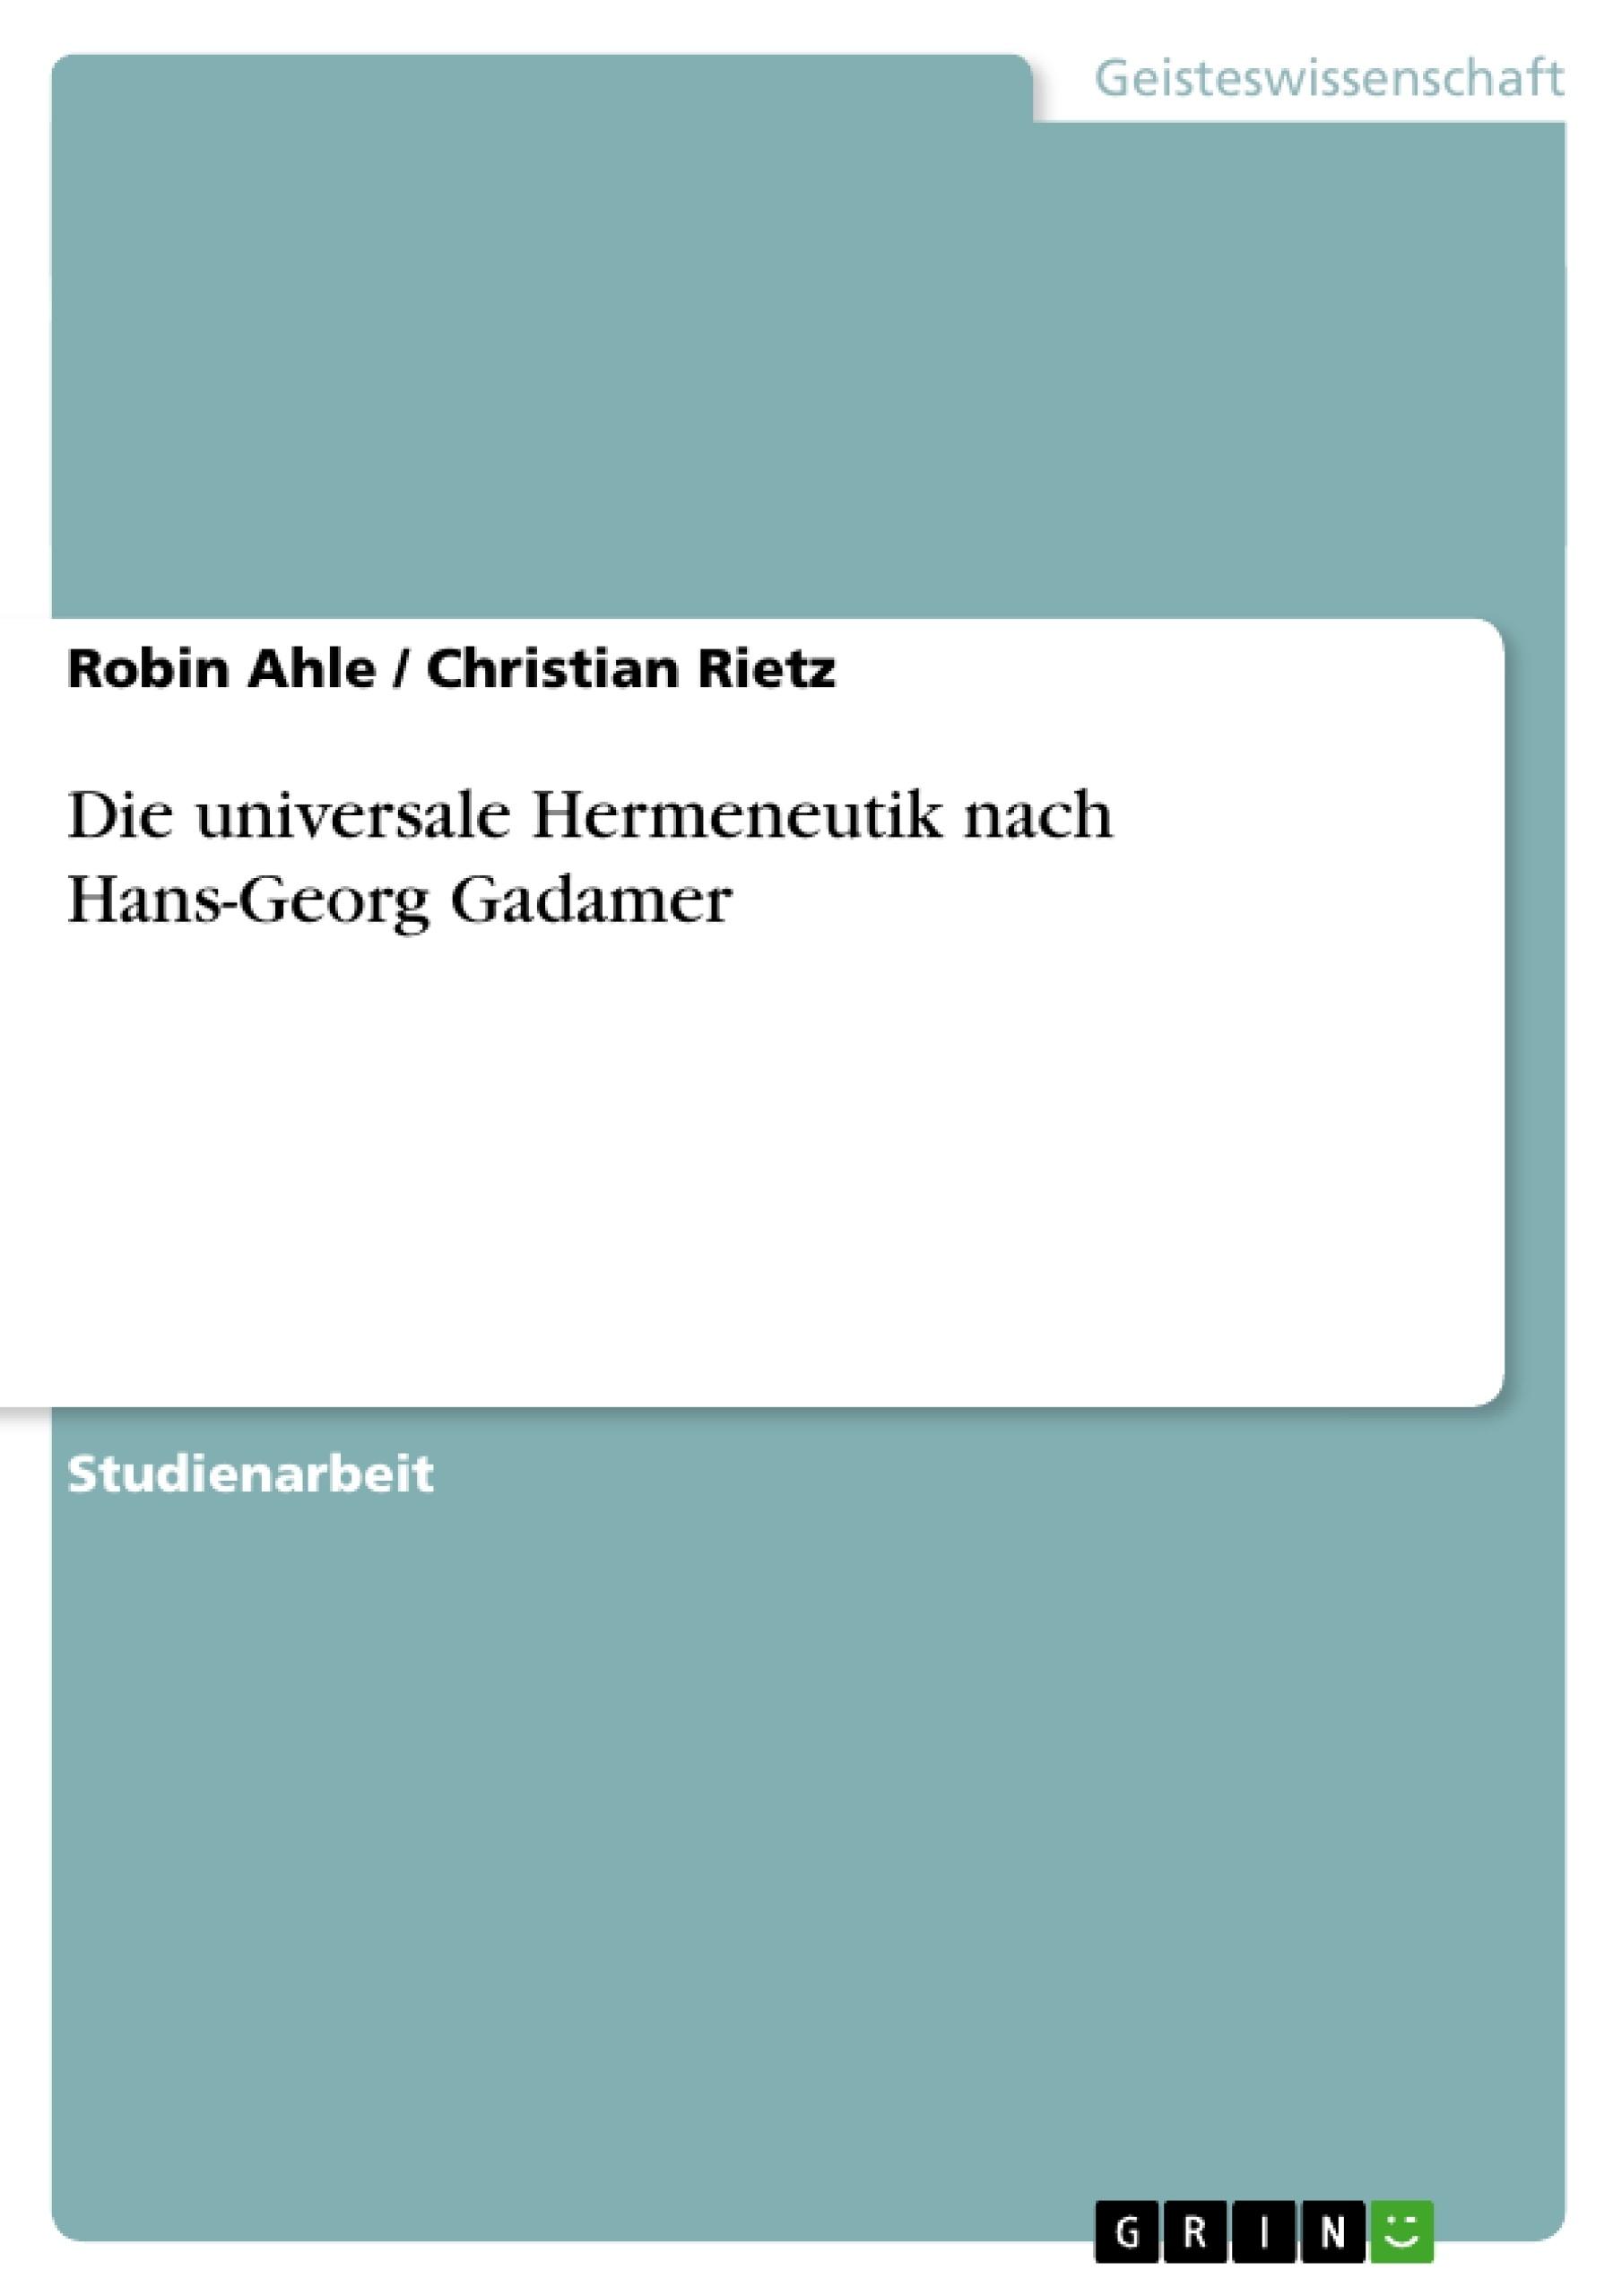 Titel: Die universale Hermeneutik nach Hans-Georg Gadamer